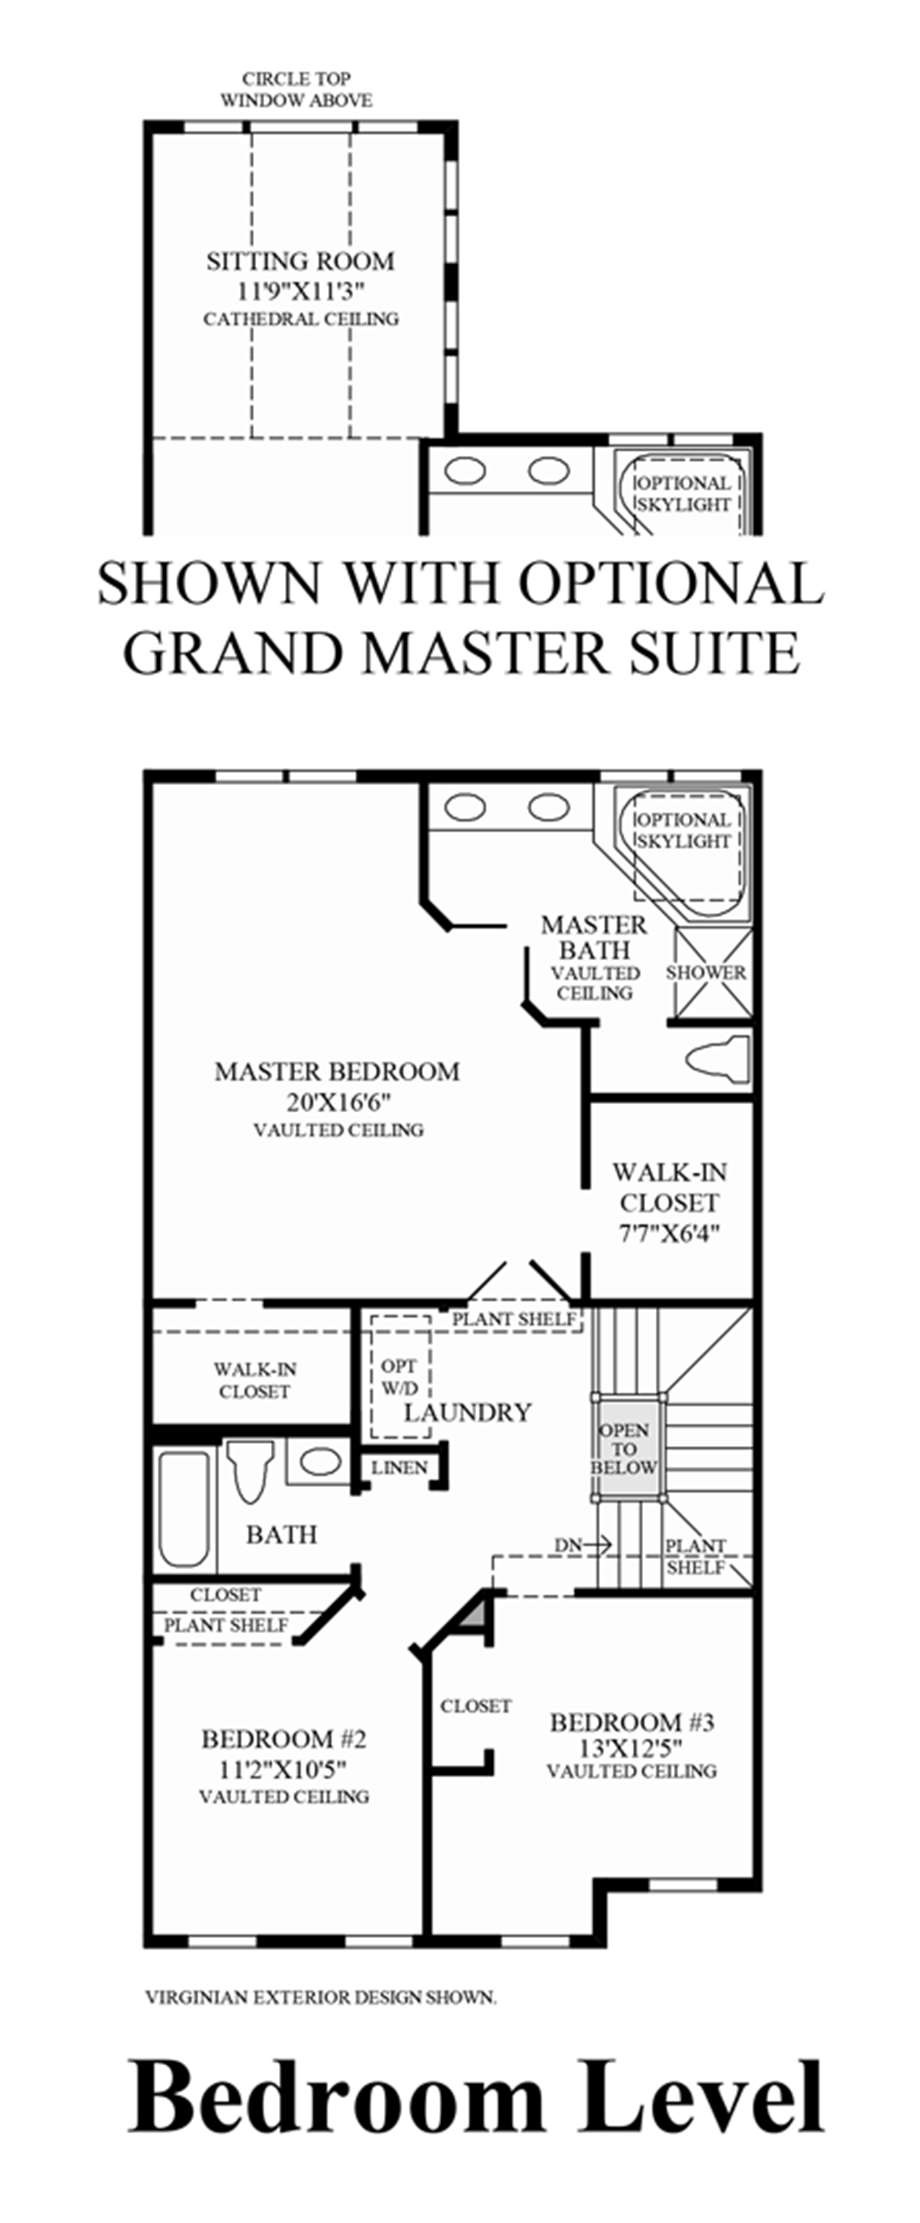 Bedroom Level (Living Level Entry) Floor Plan